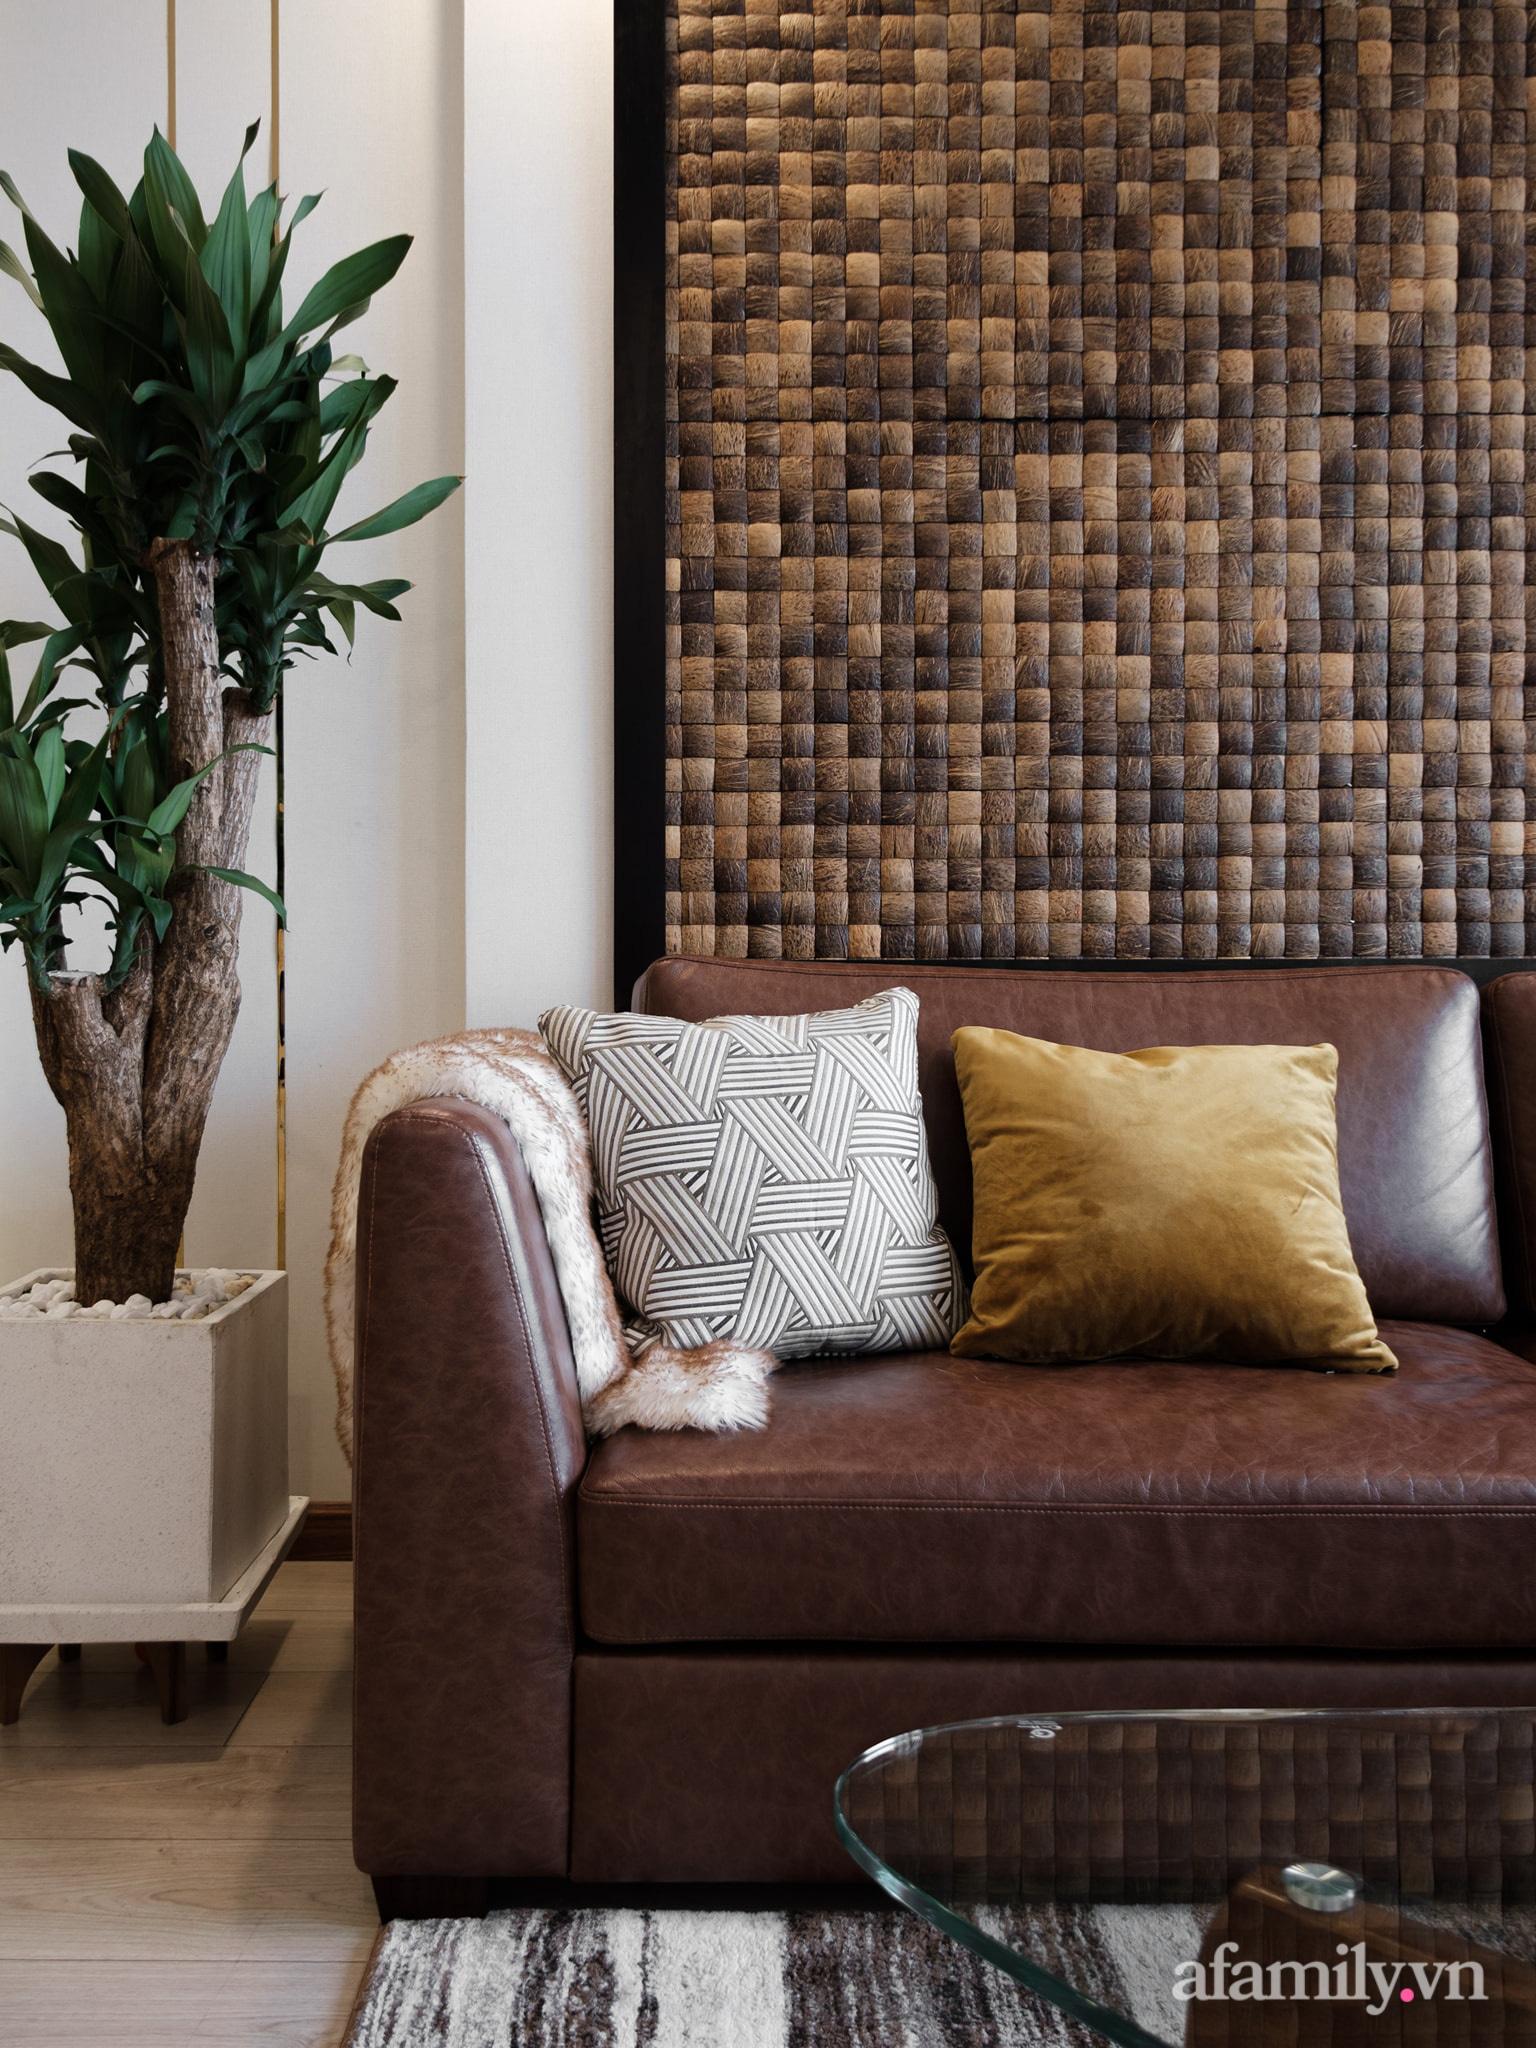 Căn hộ 70m² màu nâu trầm đẹp sang chảnh với chi phí hoàn thiện nội thất 400 triệu đồng ở Sài Gòn - Ảnh 10.